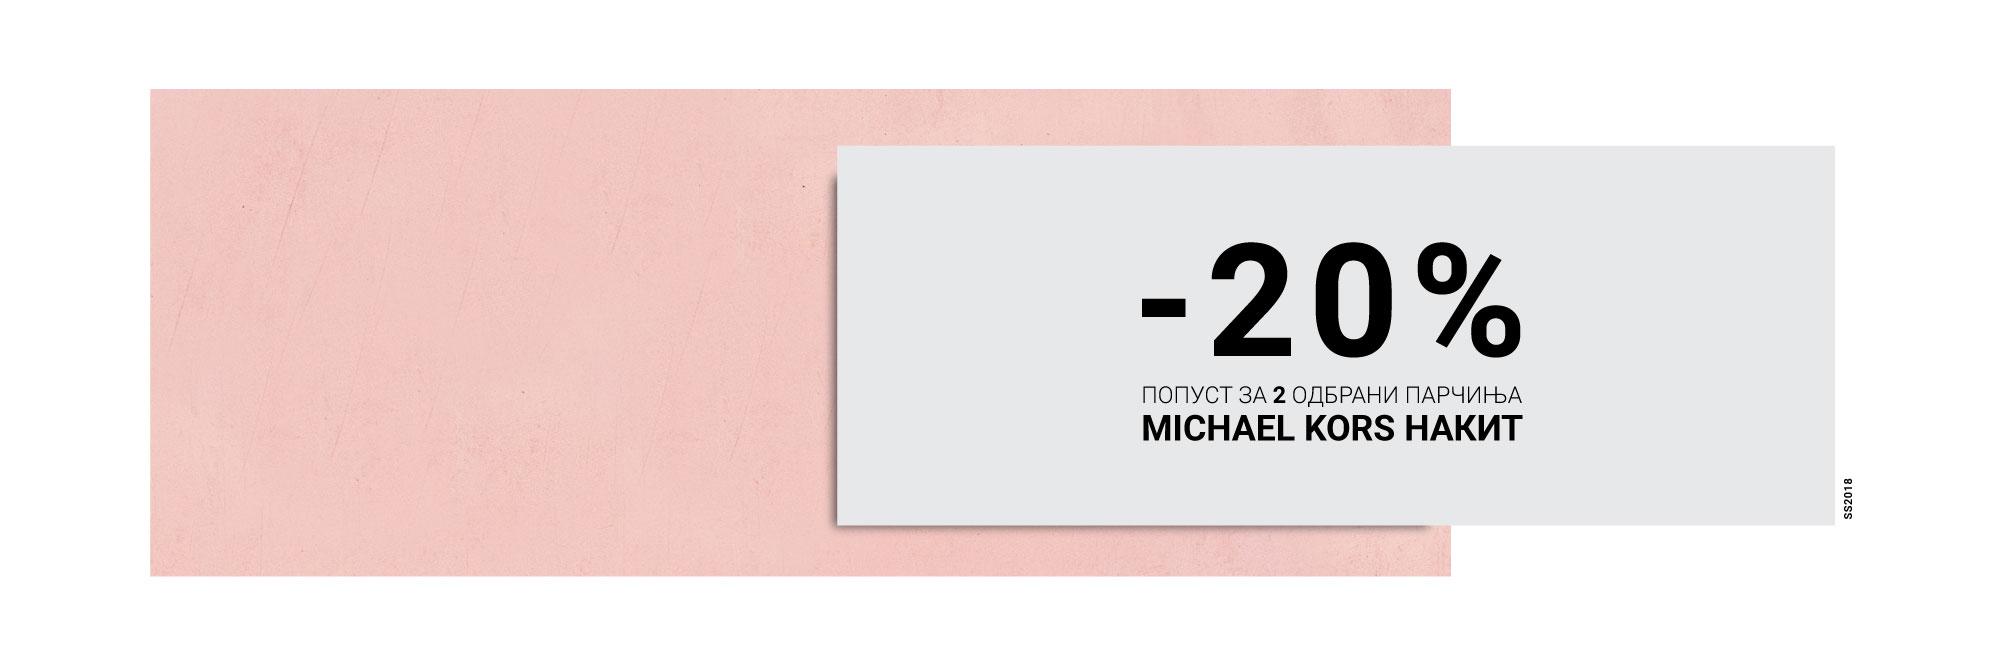 Акција Michael Kors накит